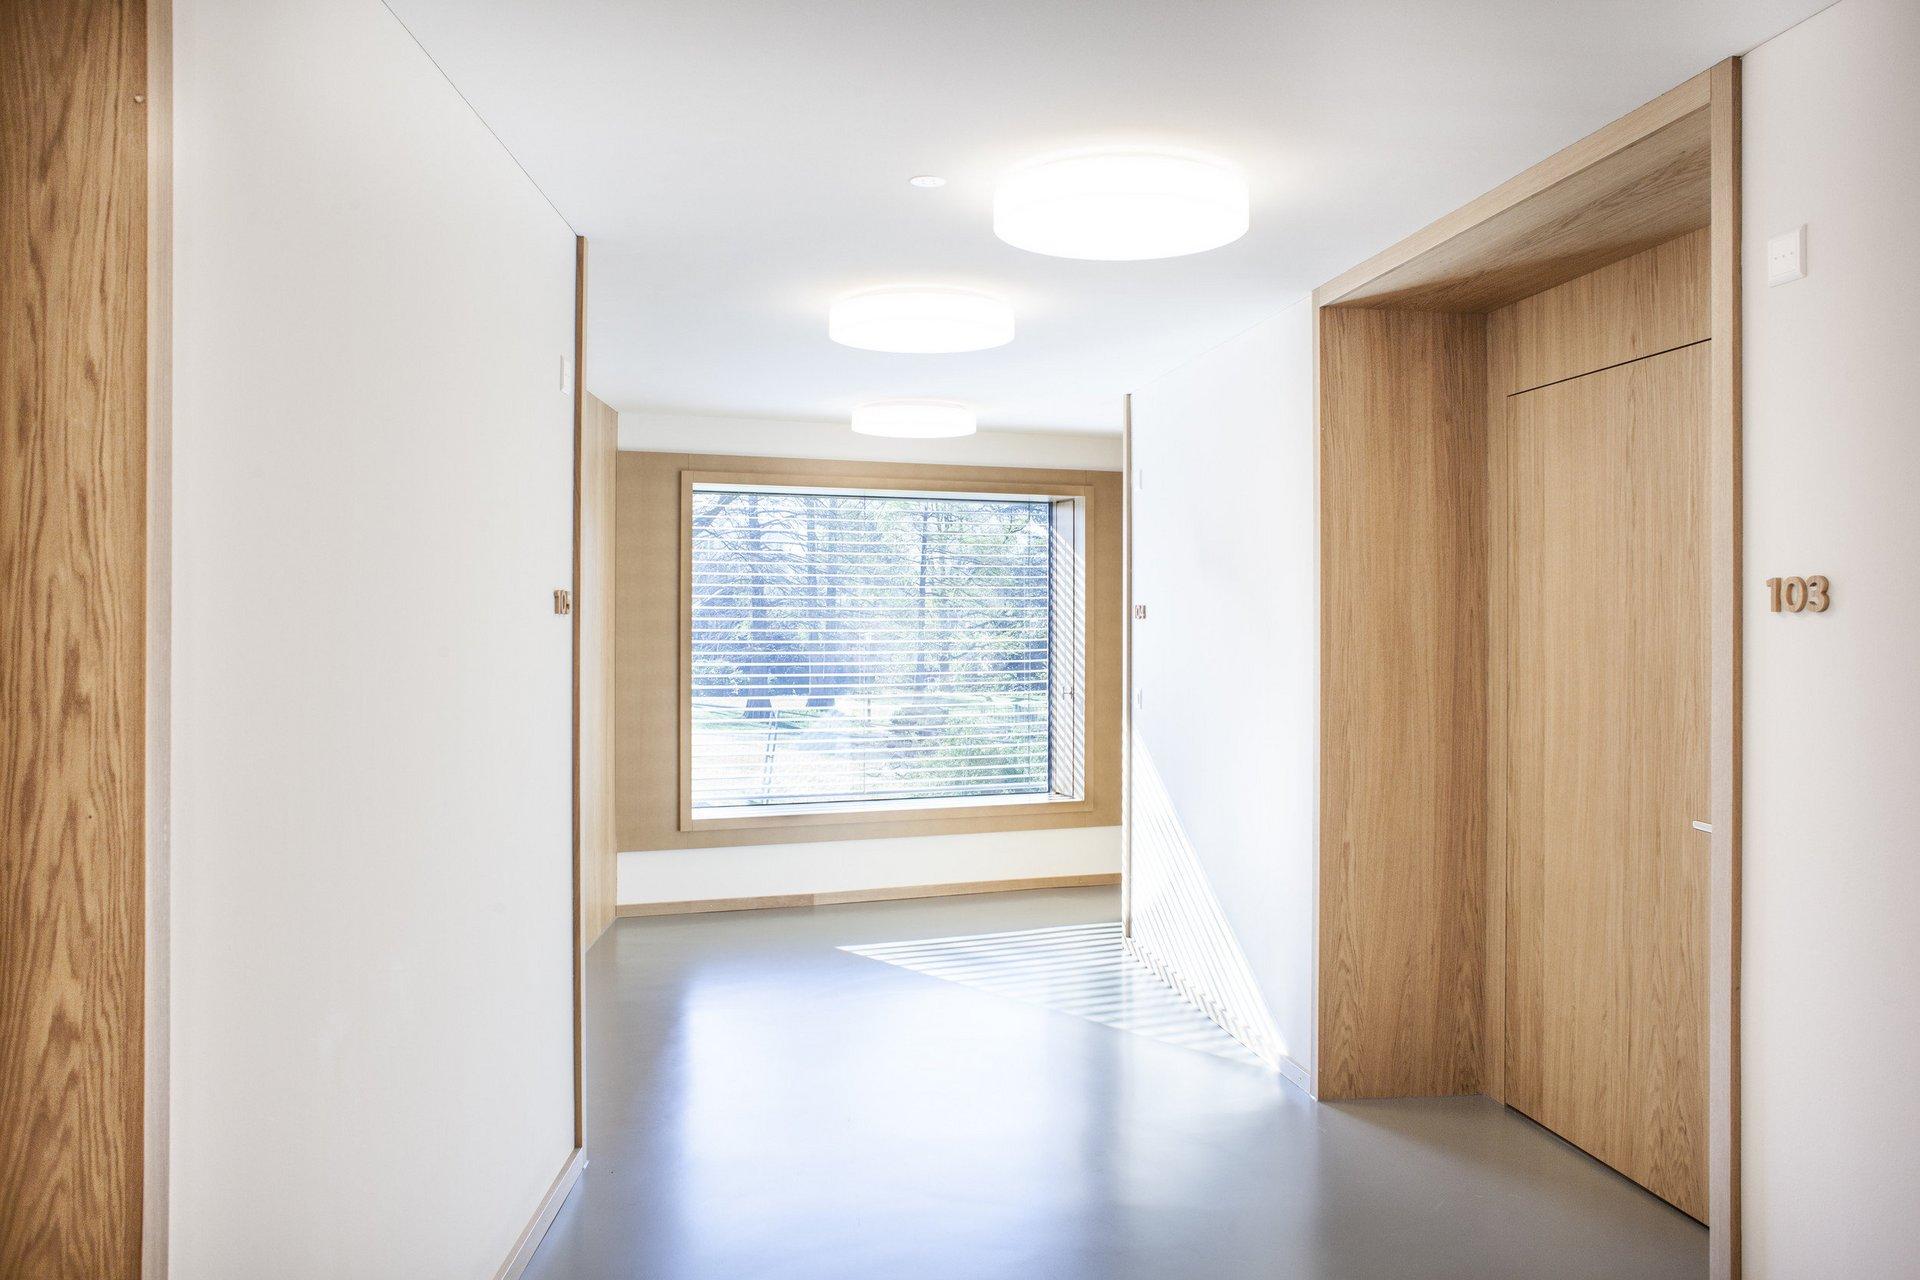 Einflügelfenster in Holz-Metall mit schwerer Festverglasung